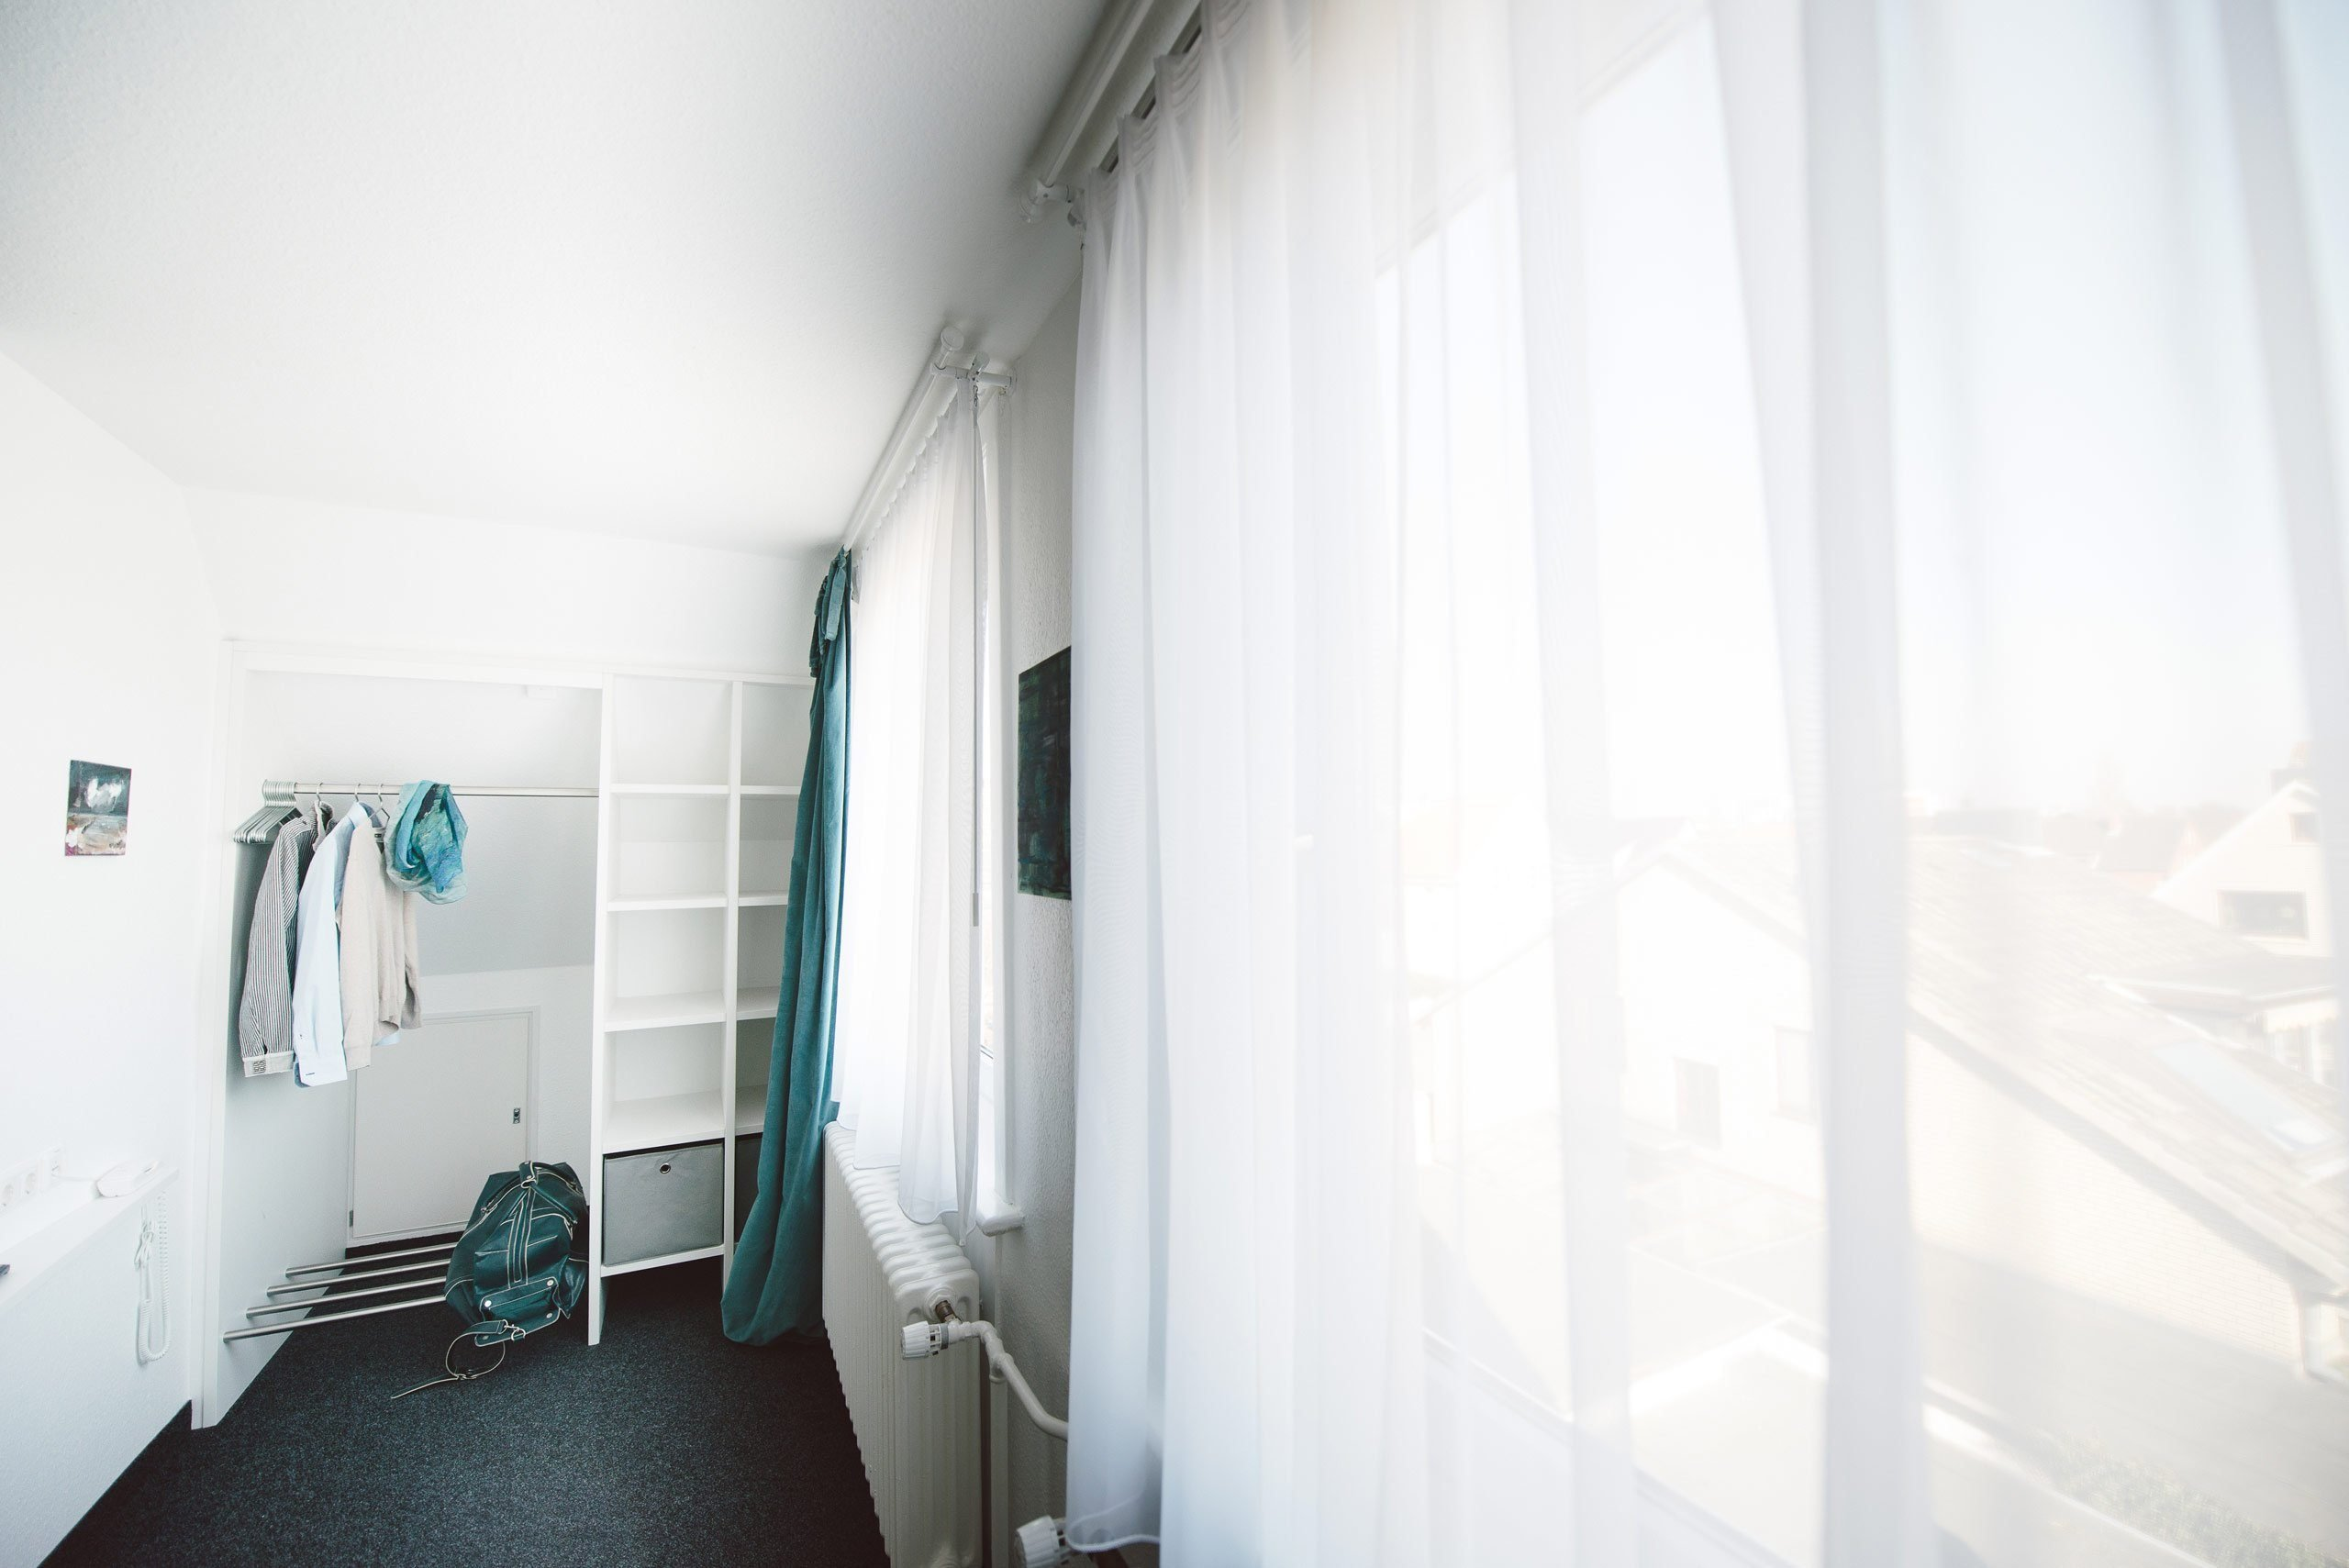 XL Zimmer: Wohnraum in einer Juniorsuite im meerzeit Hotel in Cuxhaven